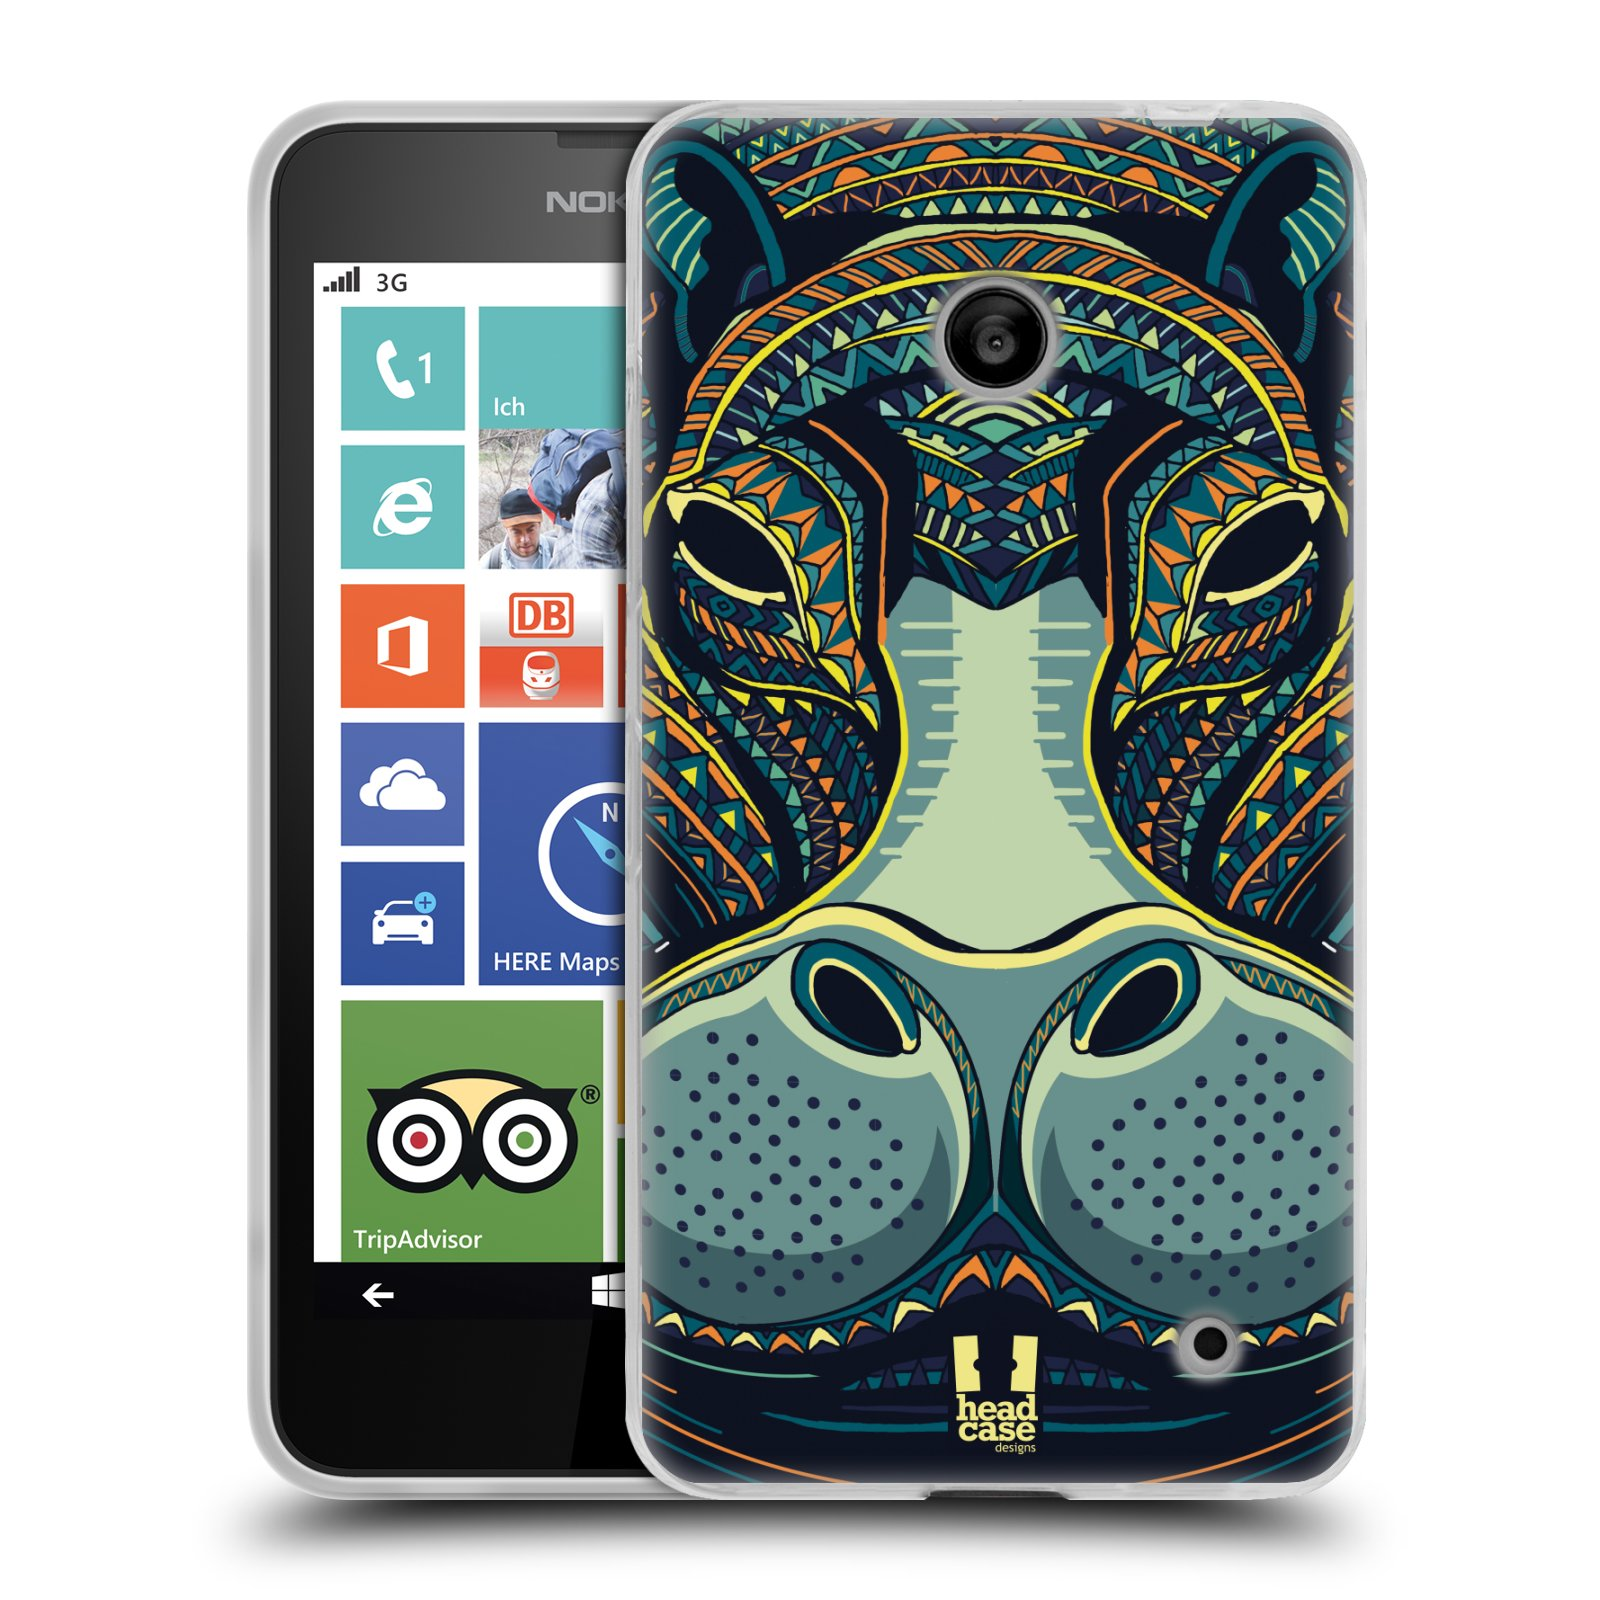 Silikonové pouzdro na mobil Nokia Lumia 630 HEAD CASE AZTEC HROCH (Silikonový kryt či obal na mobilní telefon Nokia Lumia 630 a Nokia Lumia 630 Dual SIM)